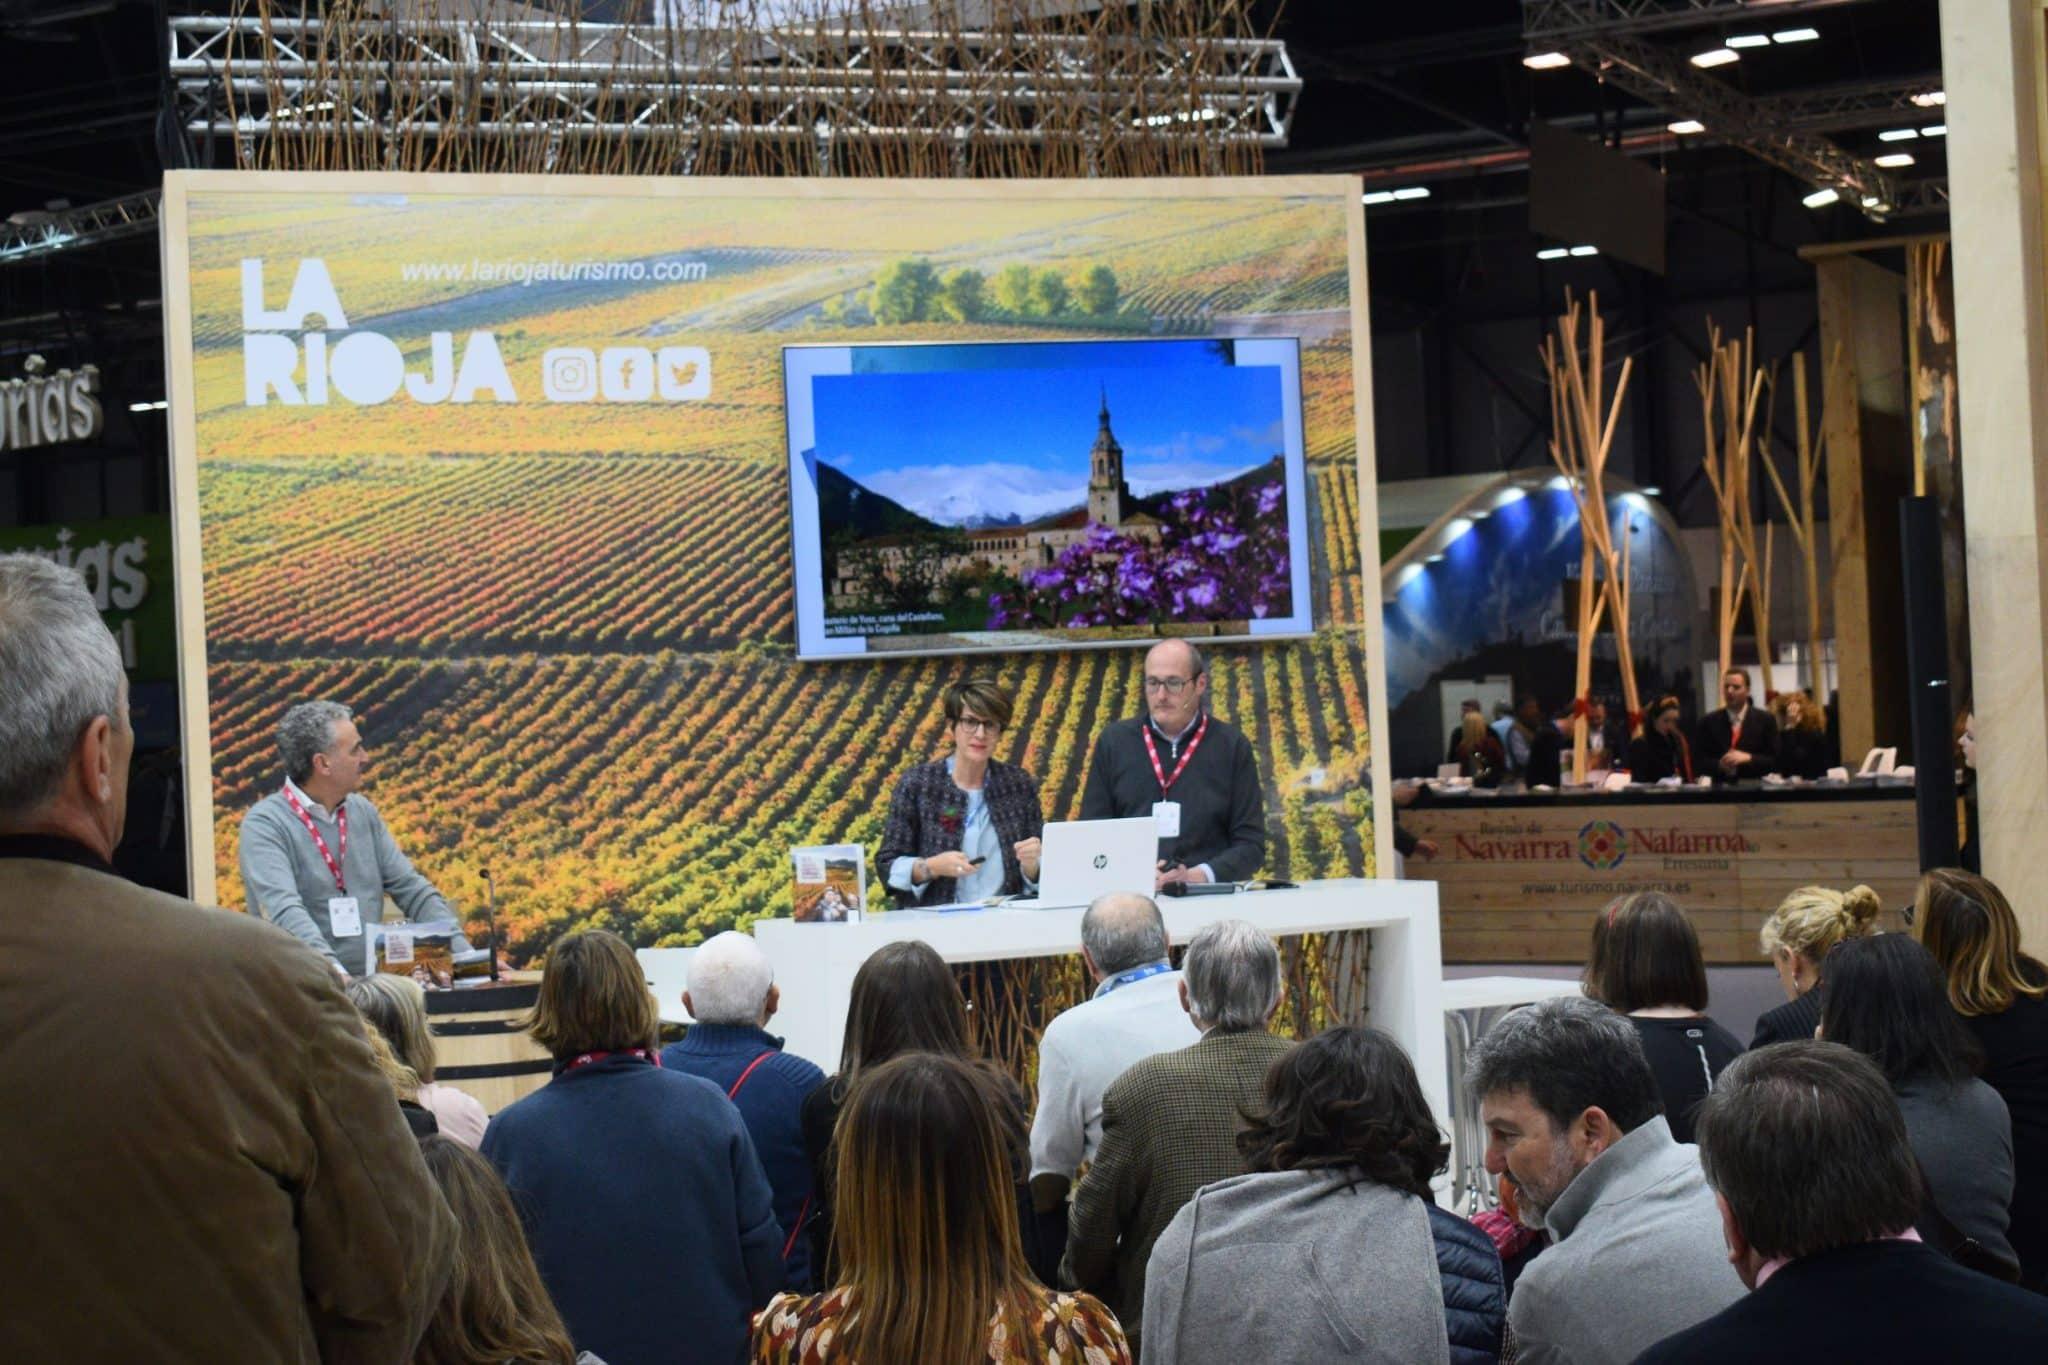 La Rioja da los primeros pasos en Fitur para convertirse en referencia mudial del entorismo 1